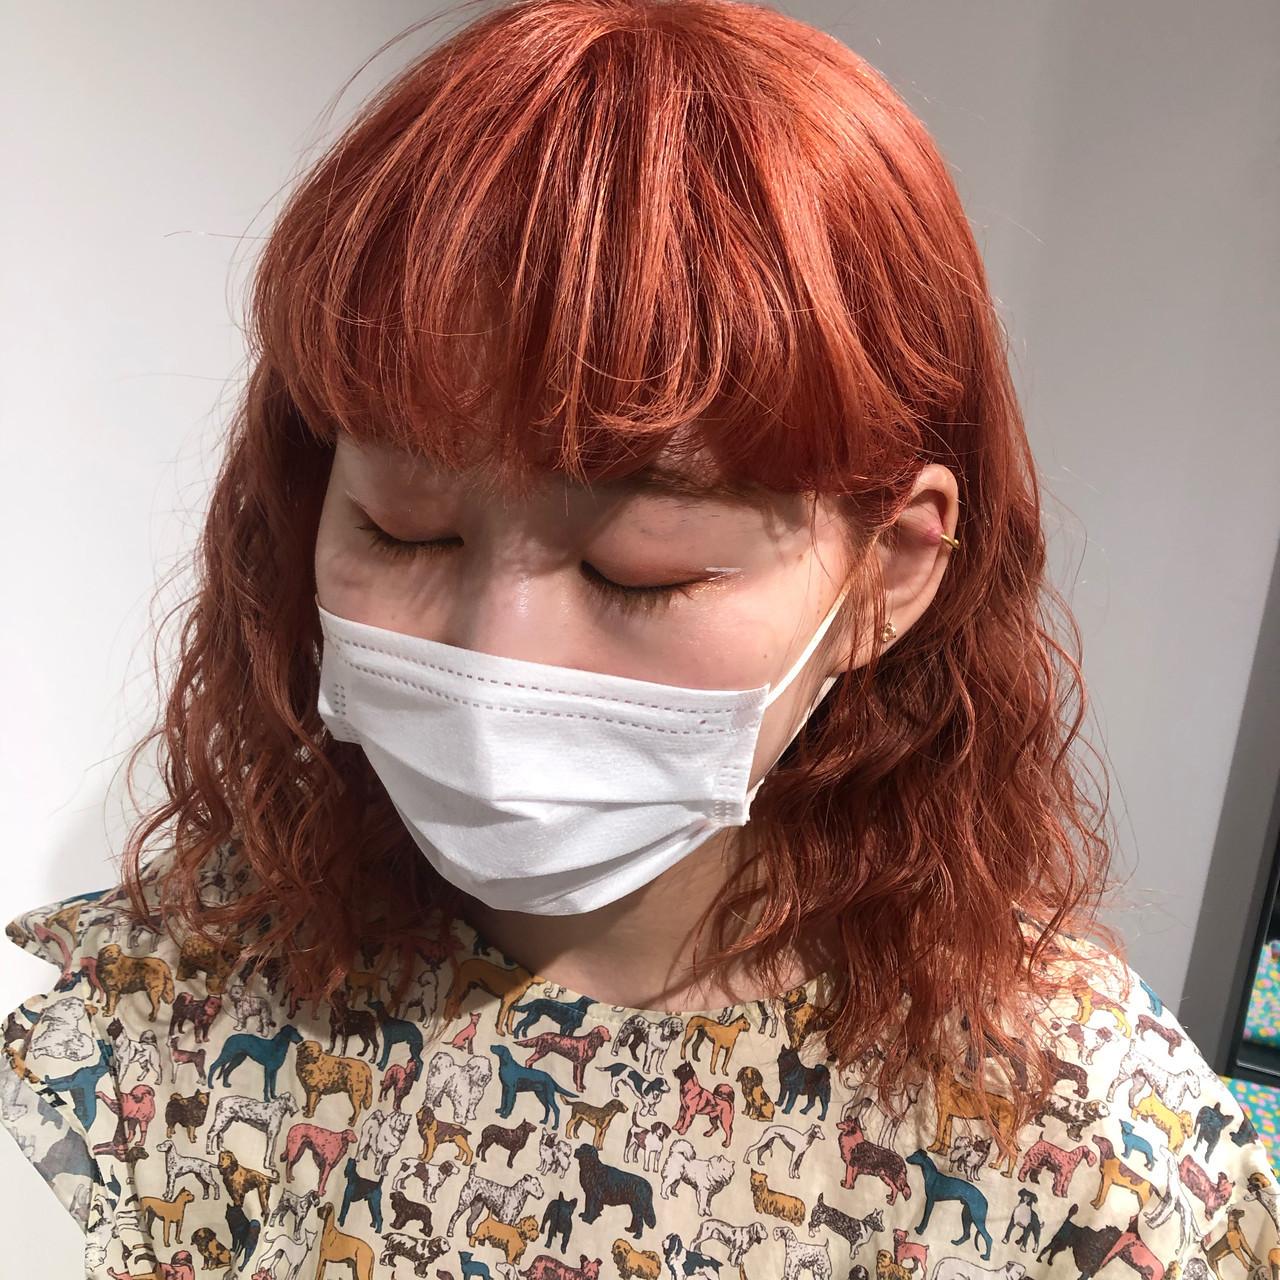 セミロング アプリコットオレンジ ガーリー オレンジ ヘアスタイルや髪型の写真・画像